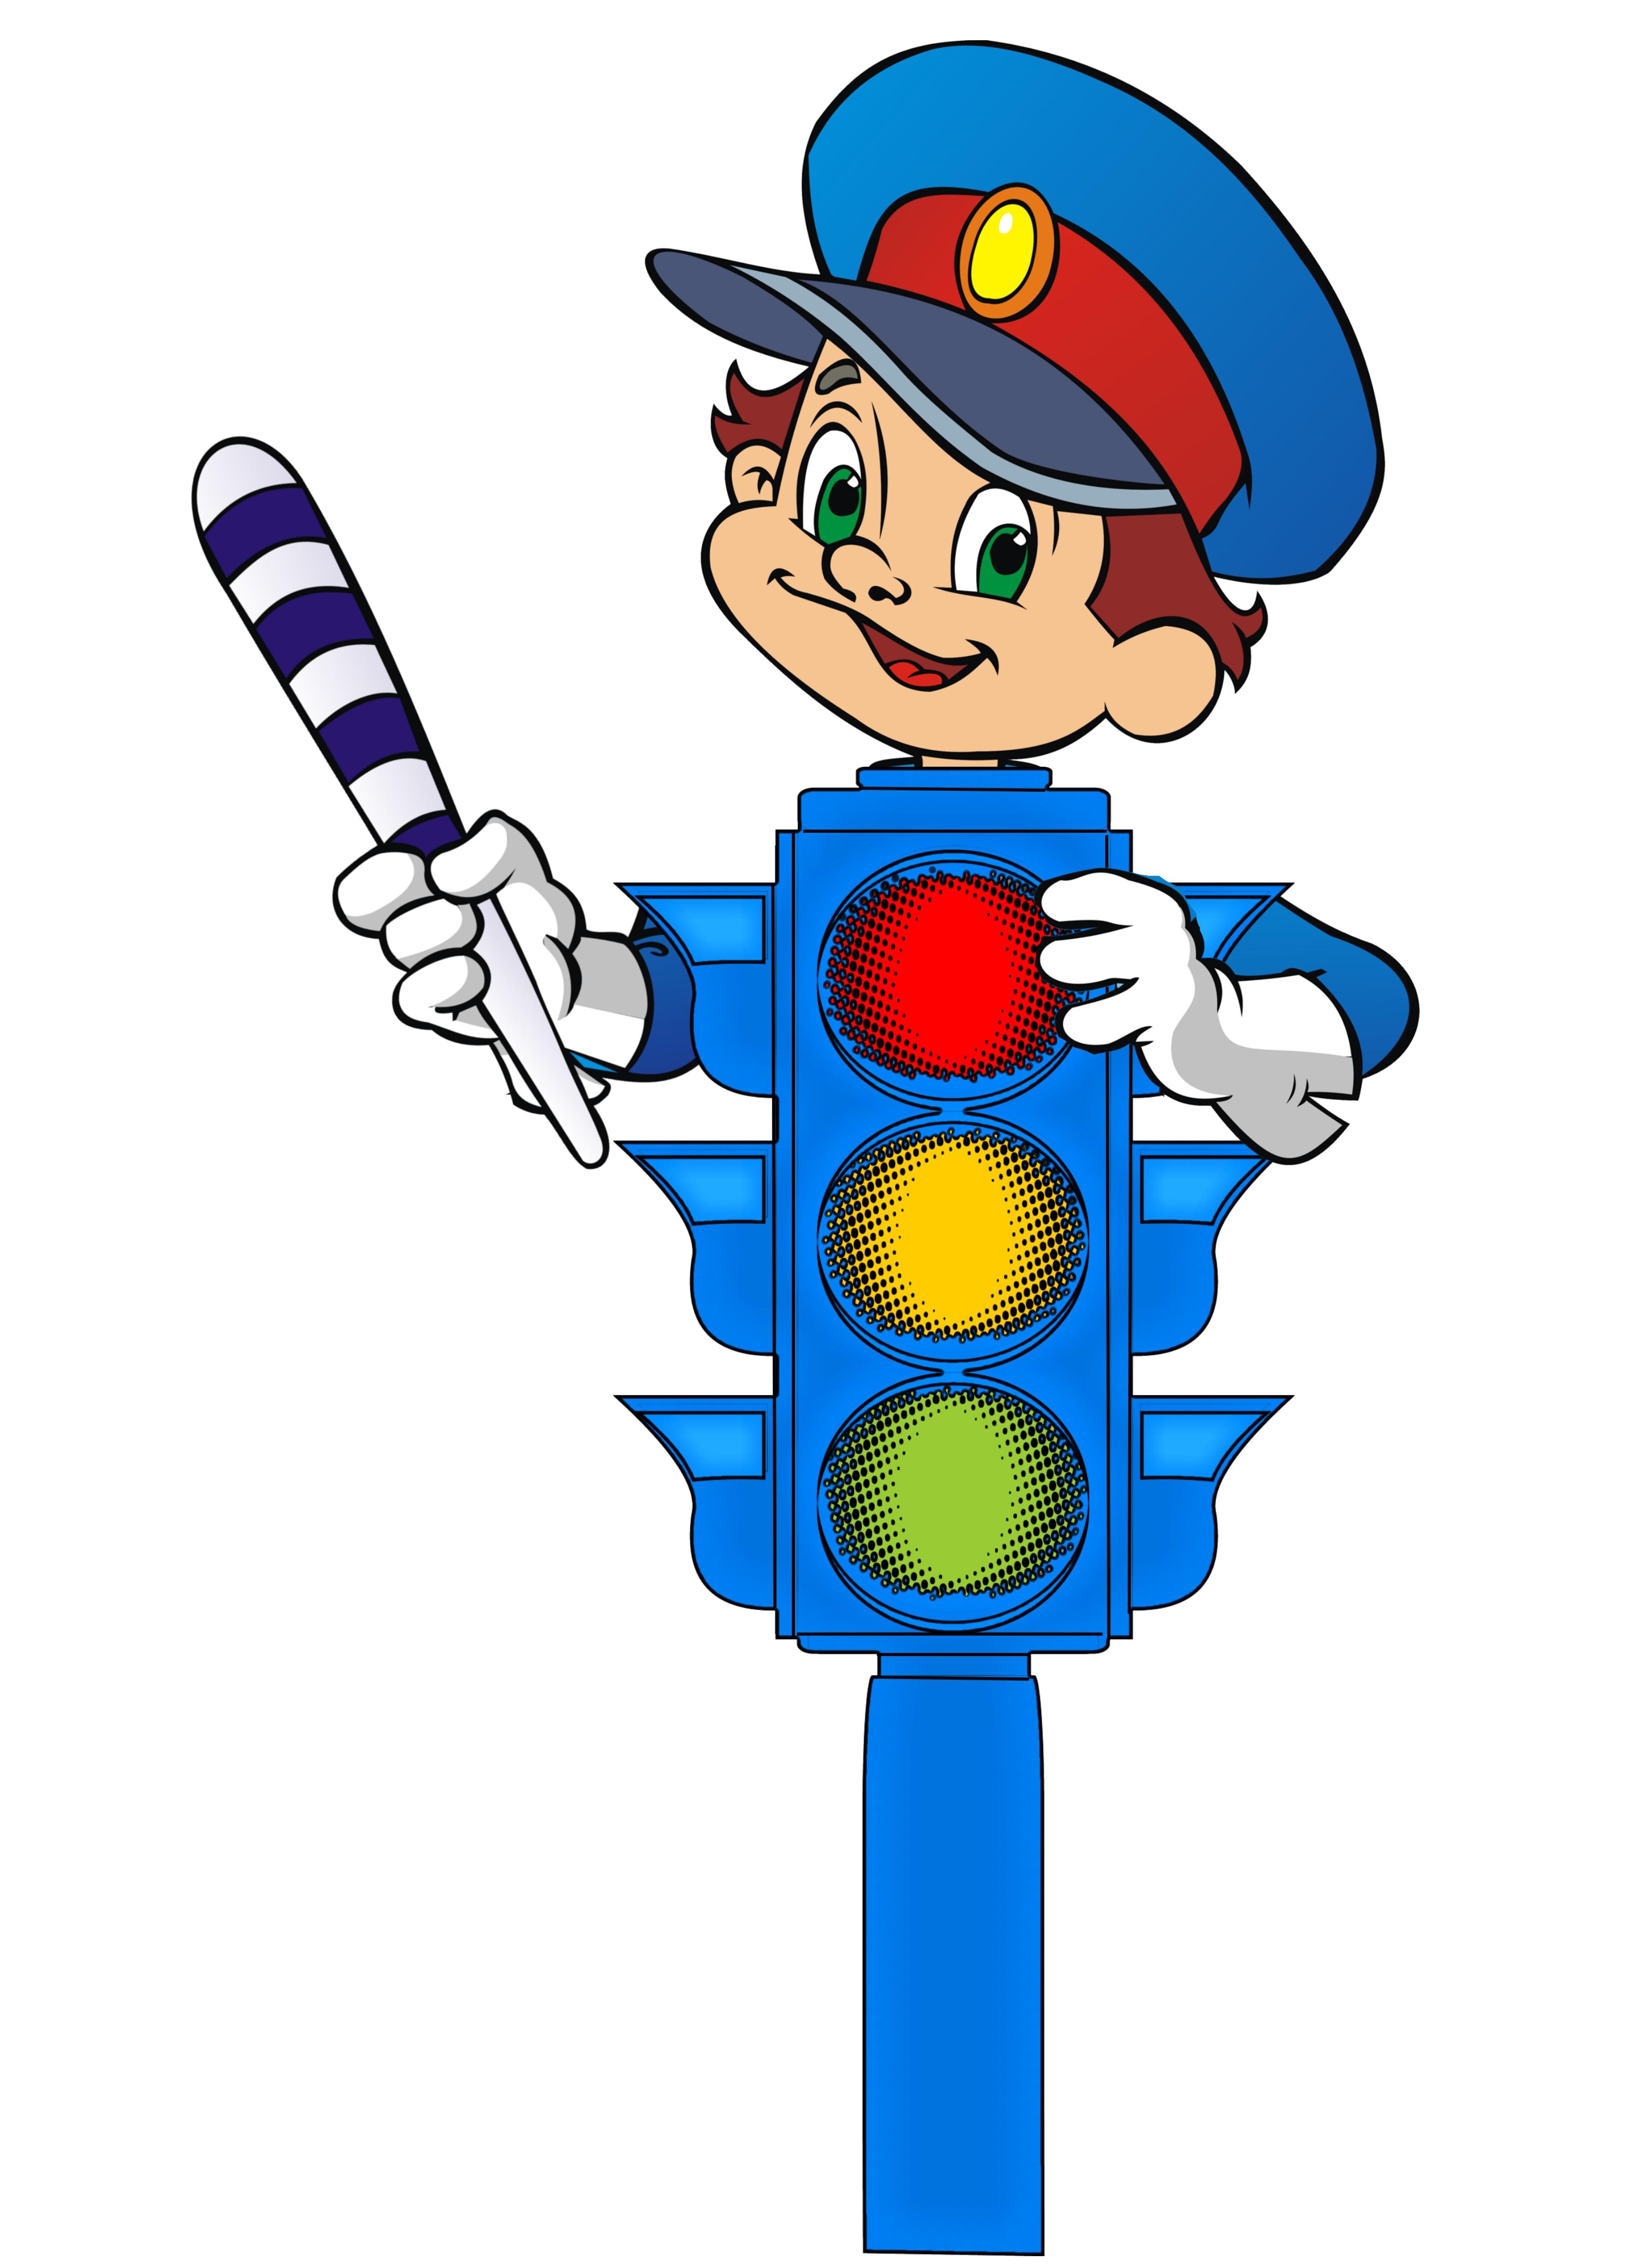 svetofor Кто знает Правила дорожного движения – тому почёт и уважение!